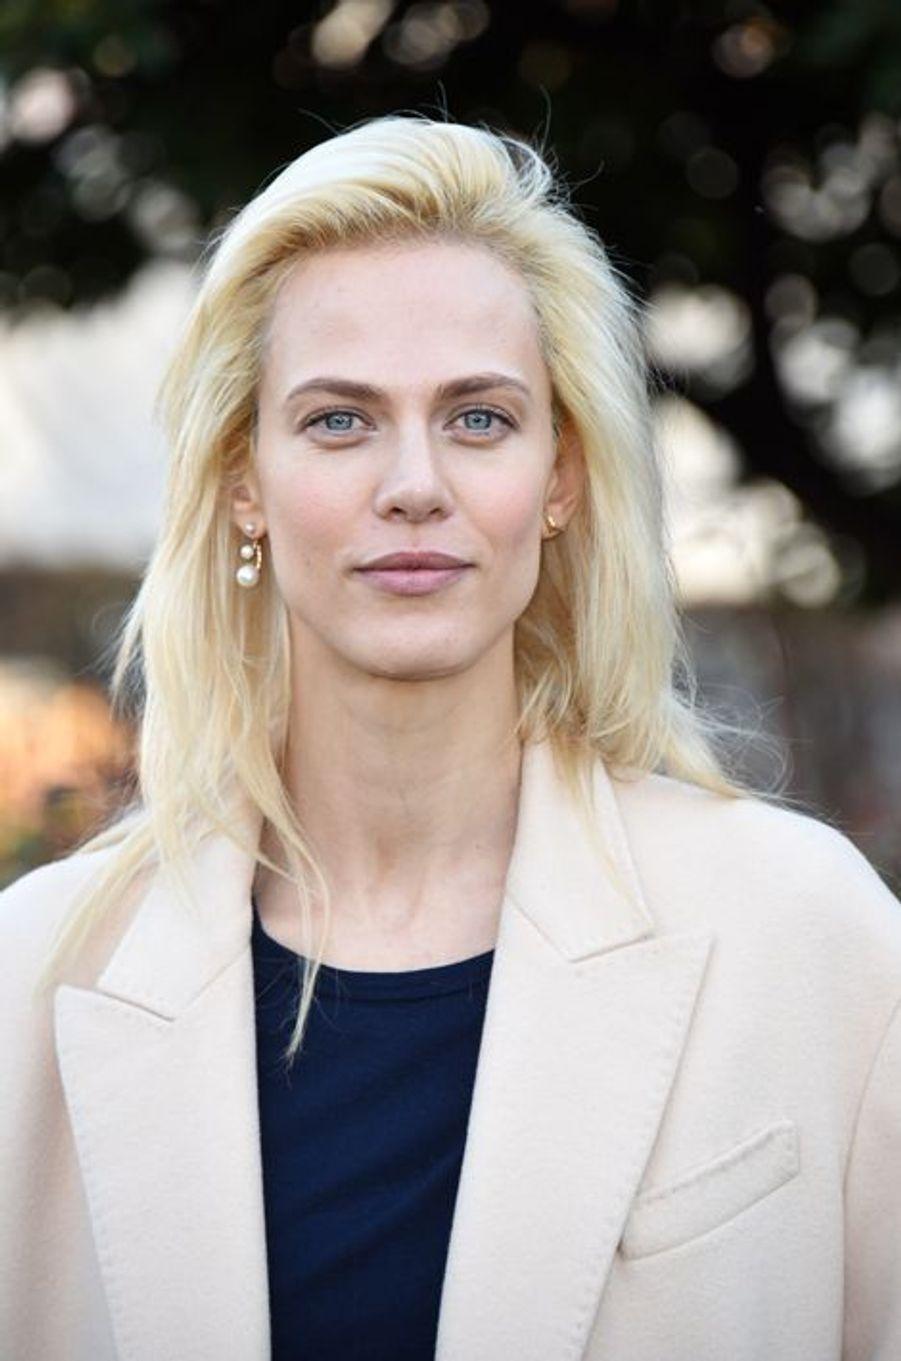 Aymeline Valade au défilé Christian Dior